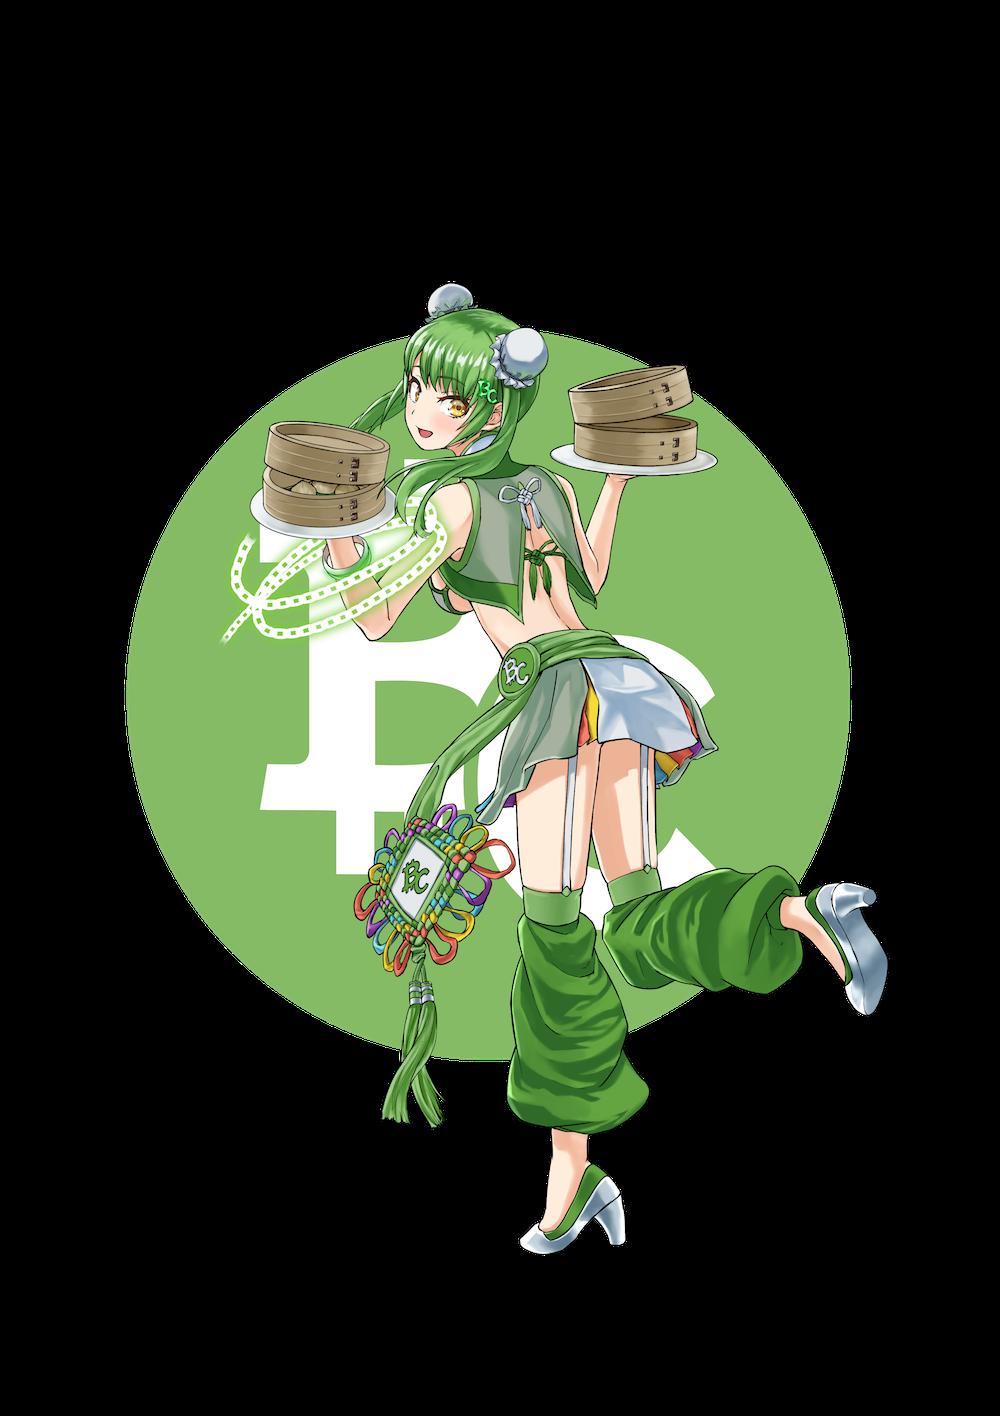 仮想通貨(暗号通貨)ビットコインキャッシュ(bitcoin cash)の擬人化キャラクター